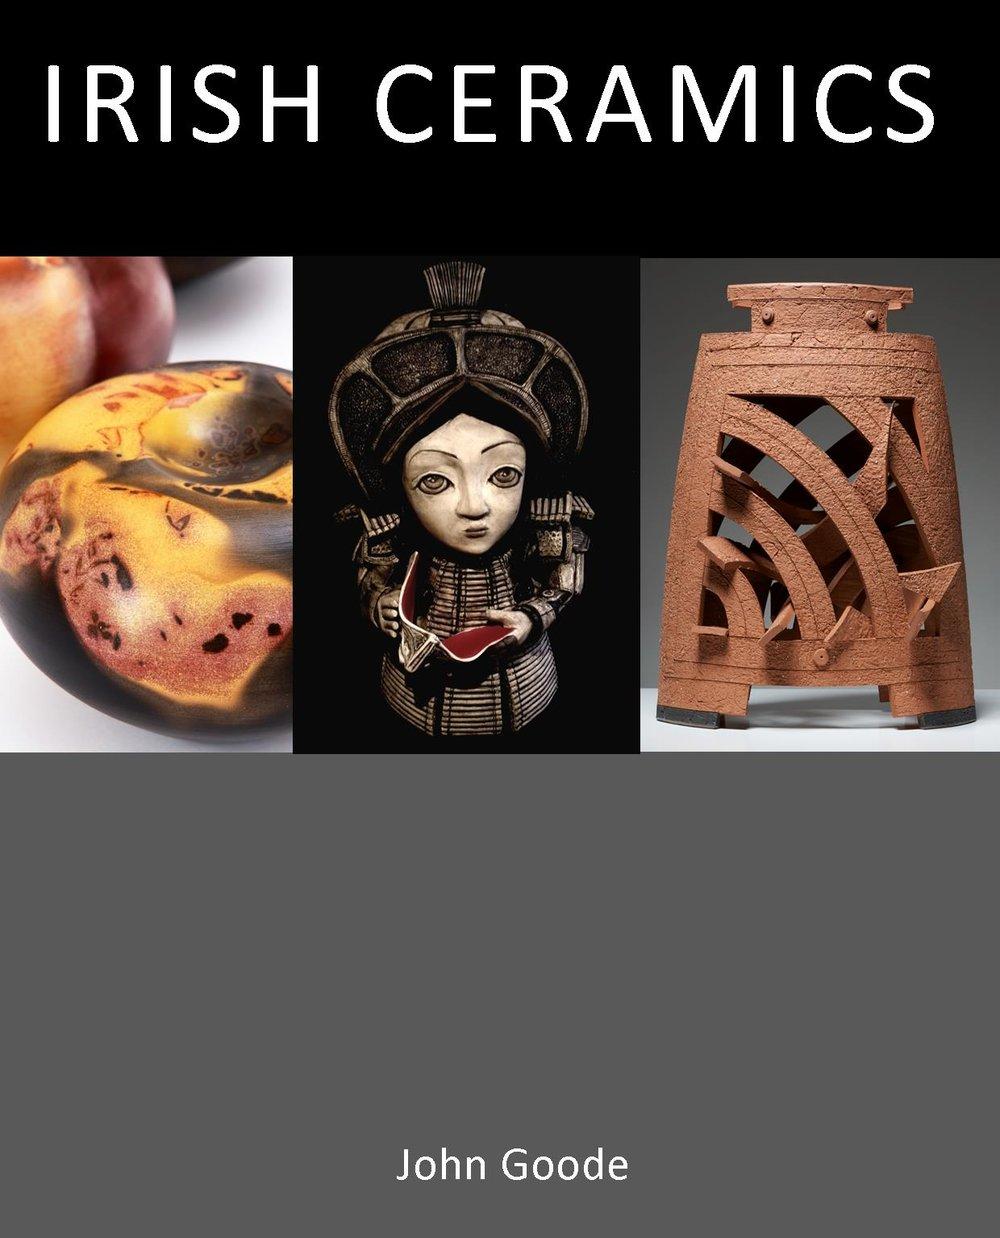 Irish Ceramics - The very best of Irish CeramicsBooks by Mill Cove Galleries